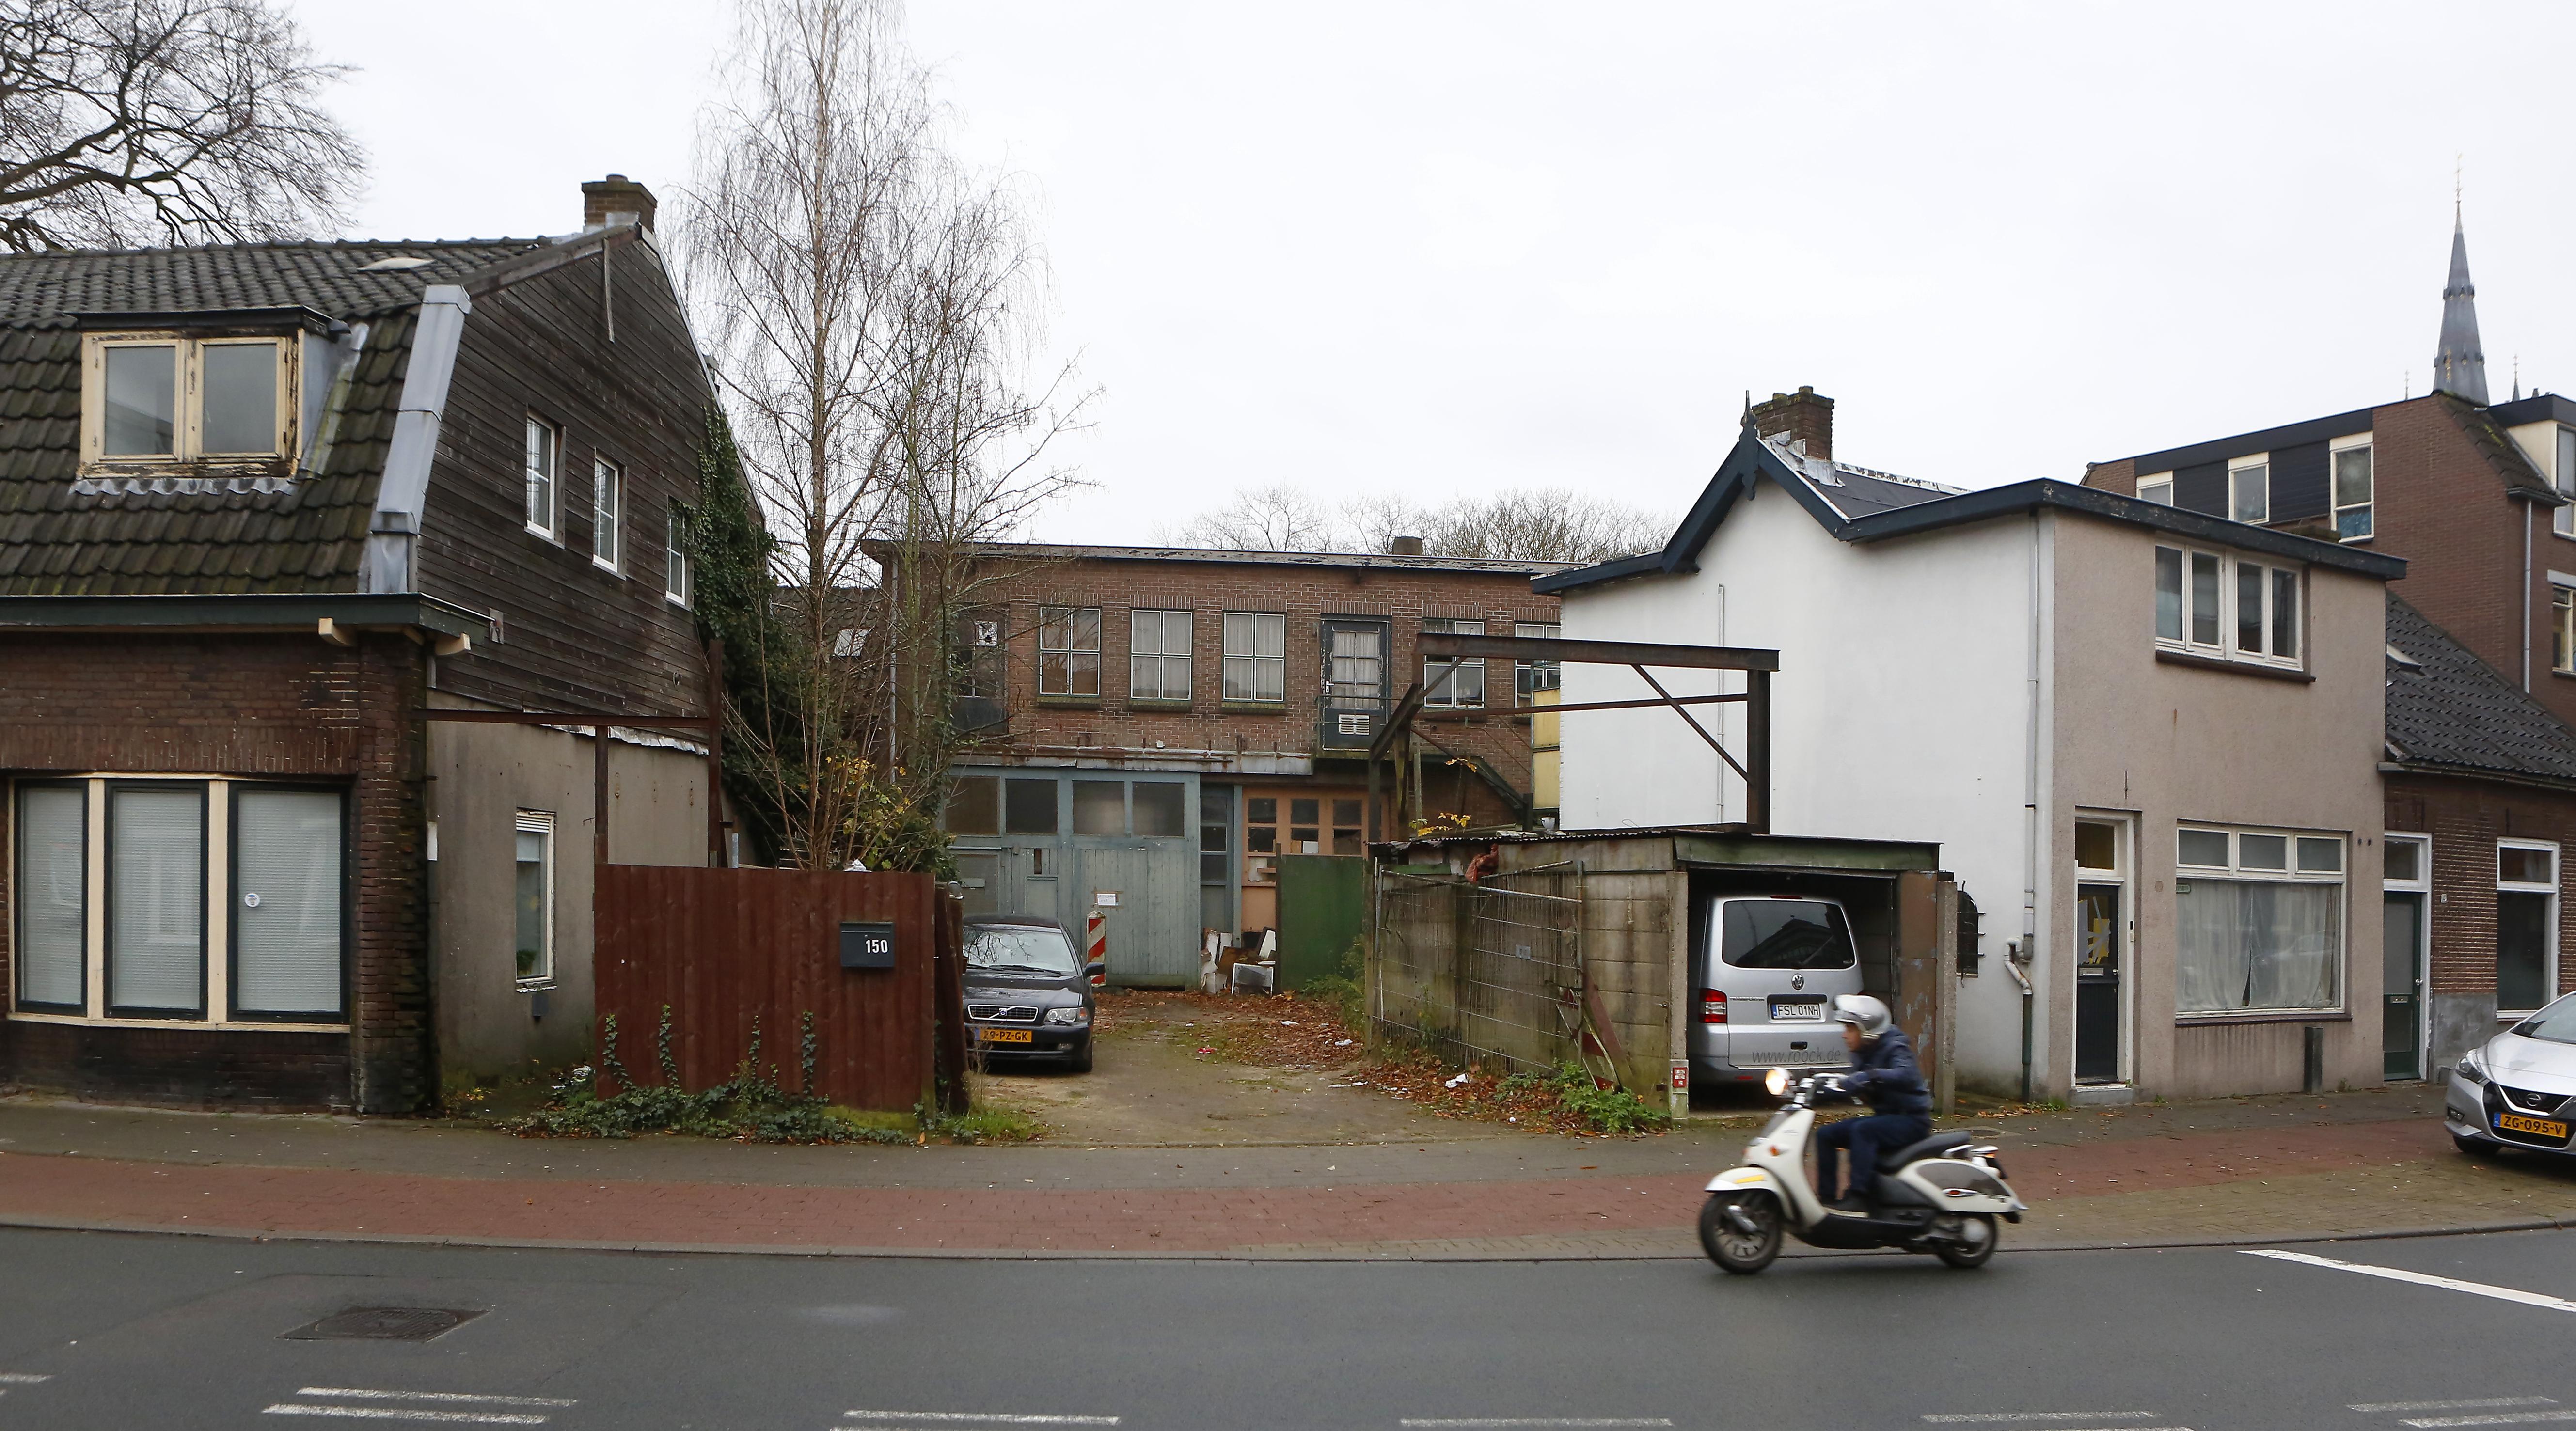 De 'verwilderde' huizen op de Prins Bernhardstraat worden nóg niet gesloopt; 'De besluitvorming verloopt trager door corona'